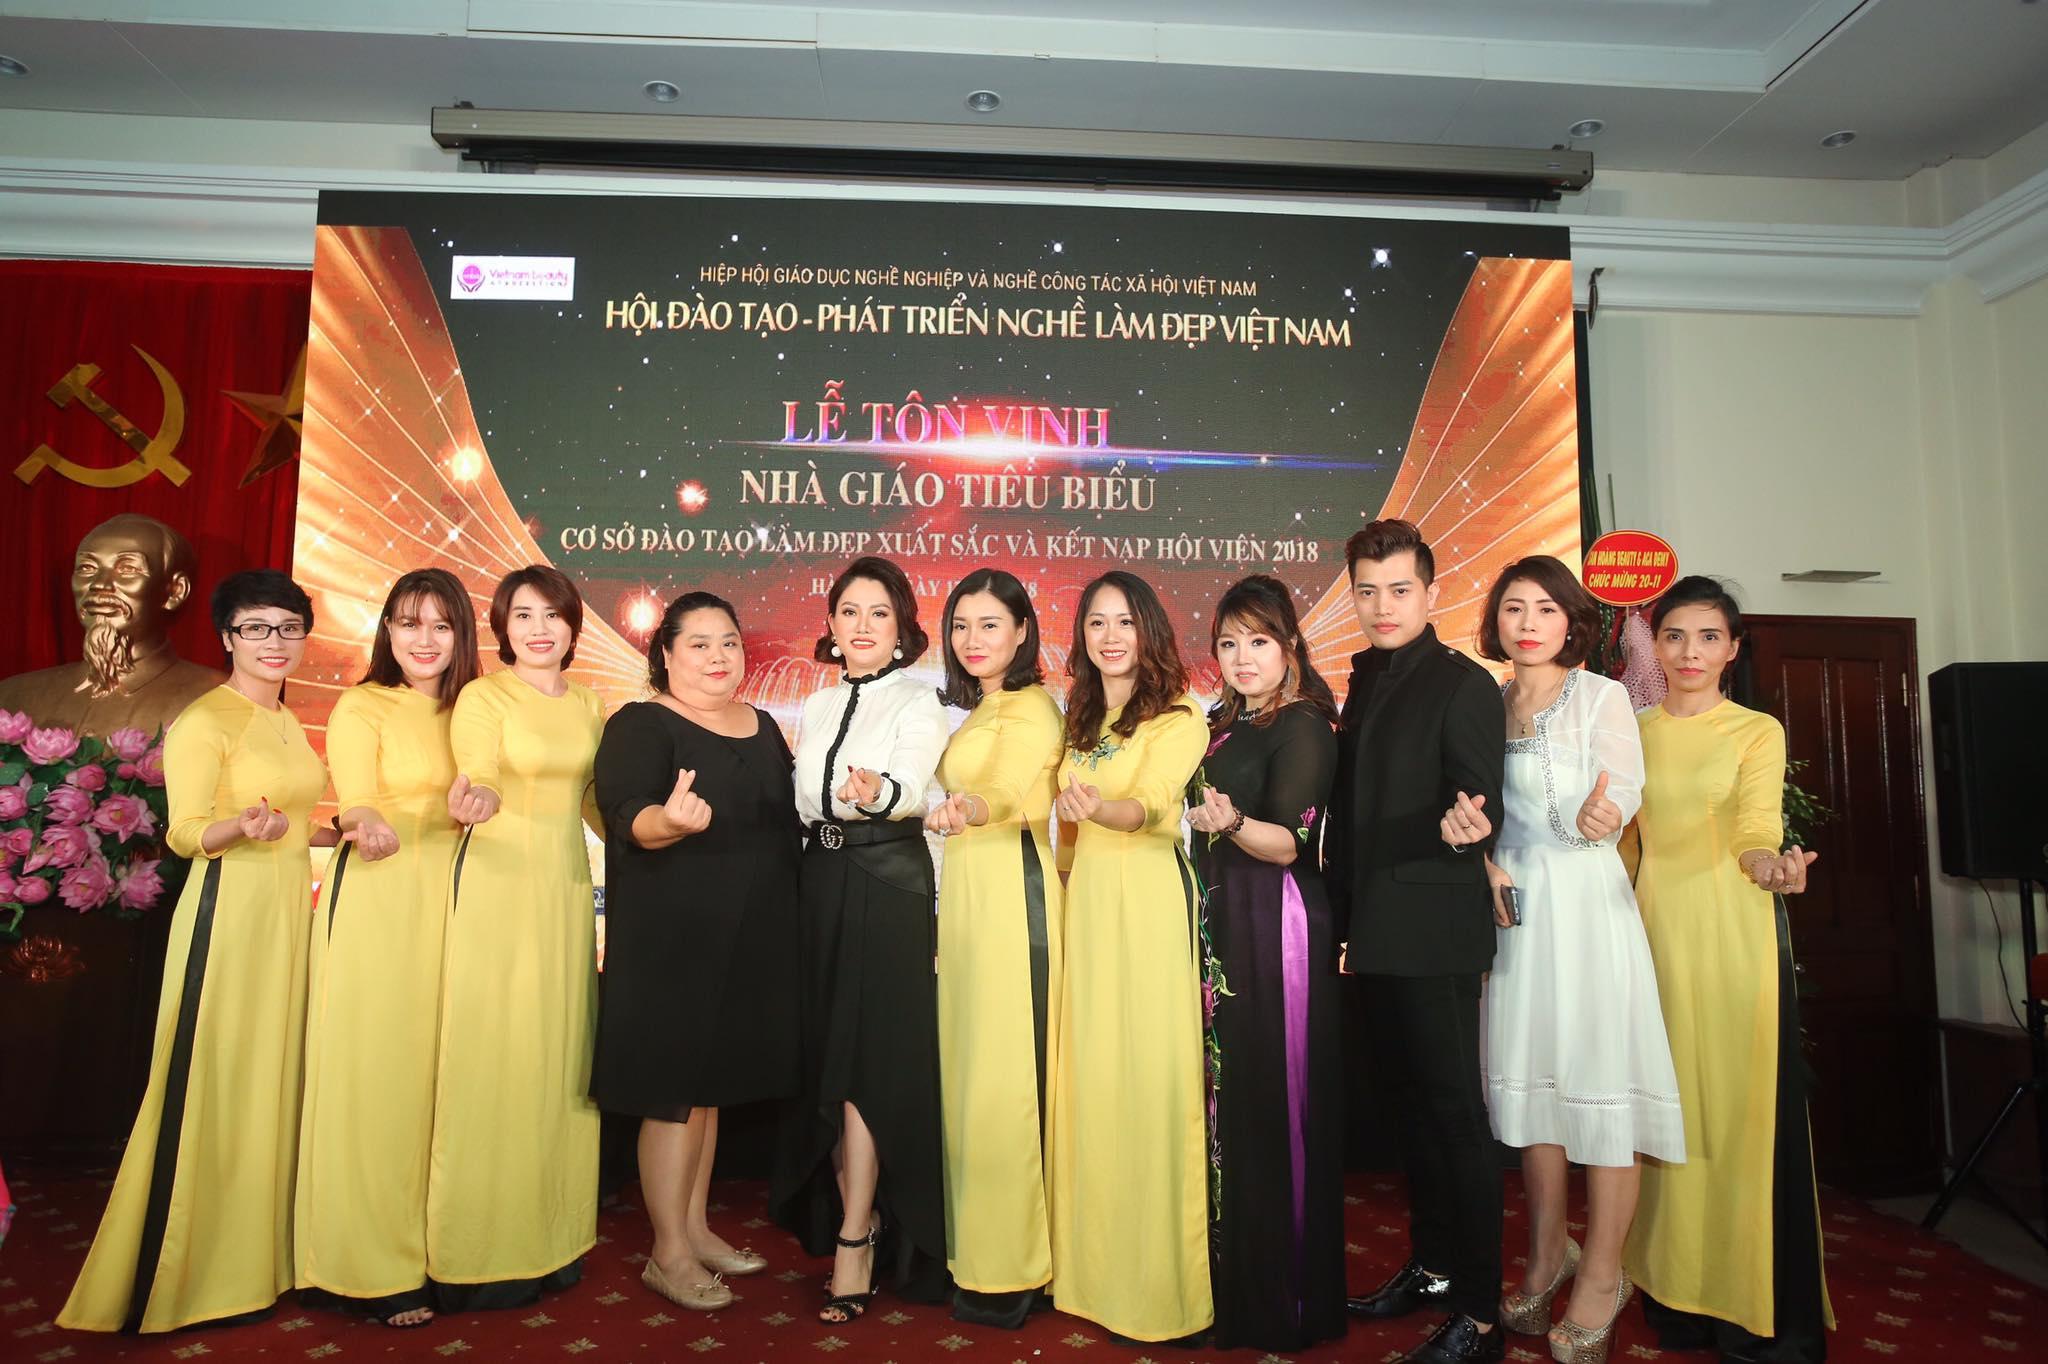 Winnie Beauty Academy vinh dự được nhần bằng khen là cơ sở đào tạo làm đẹp uy tín trong cả nước